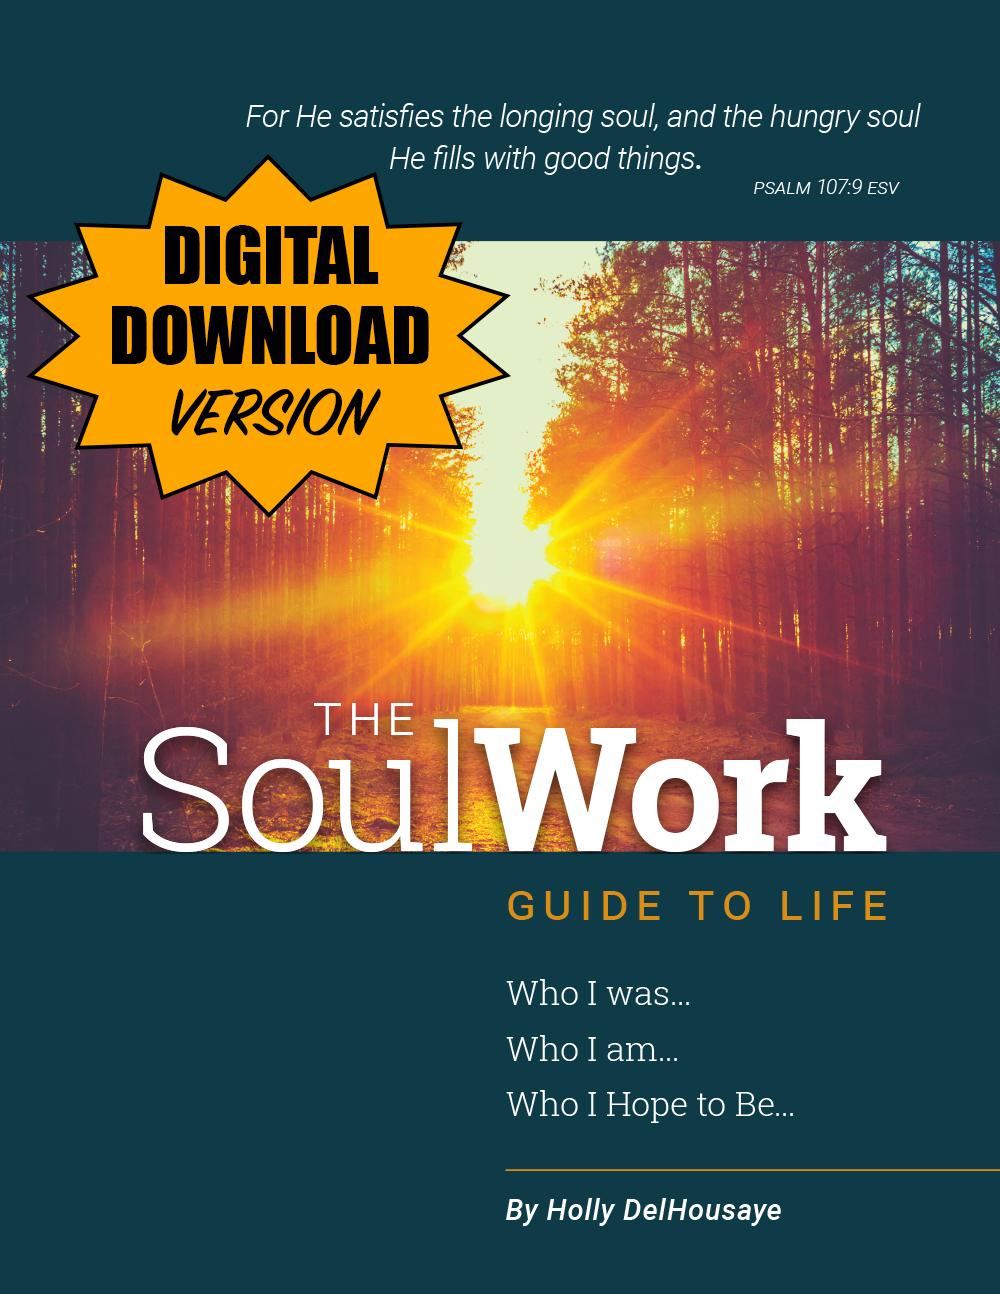 SoulWork-digital-download-format.jpg